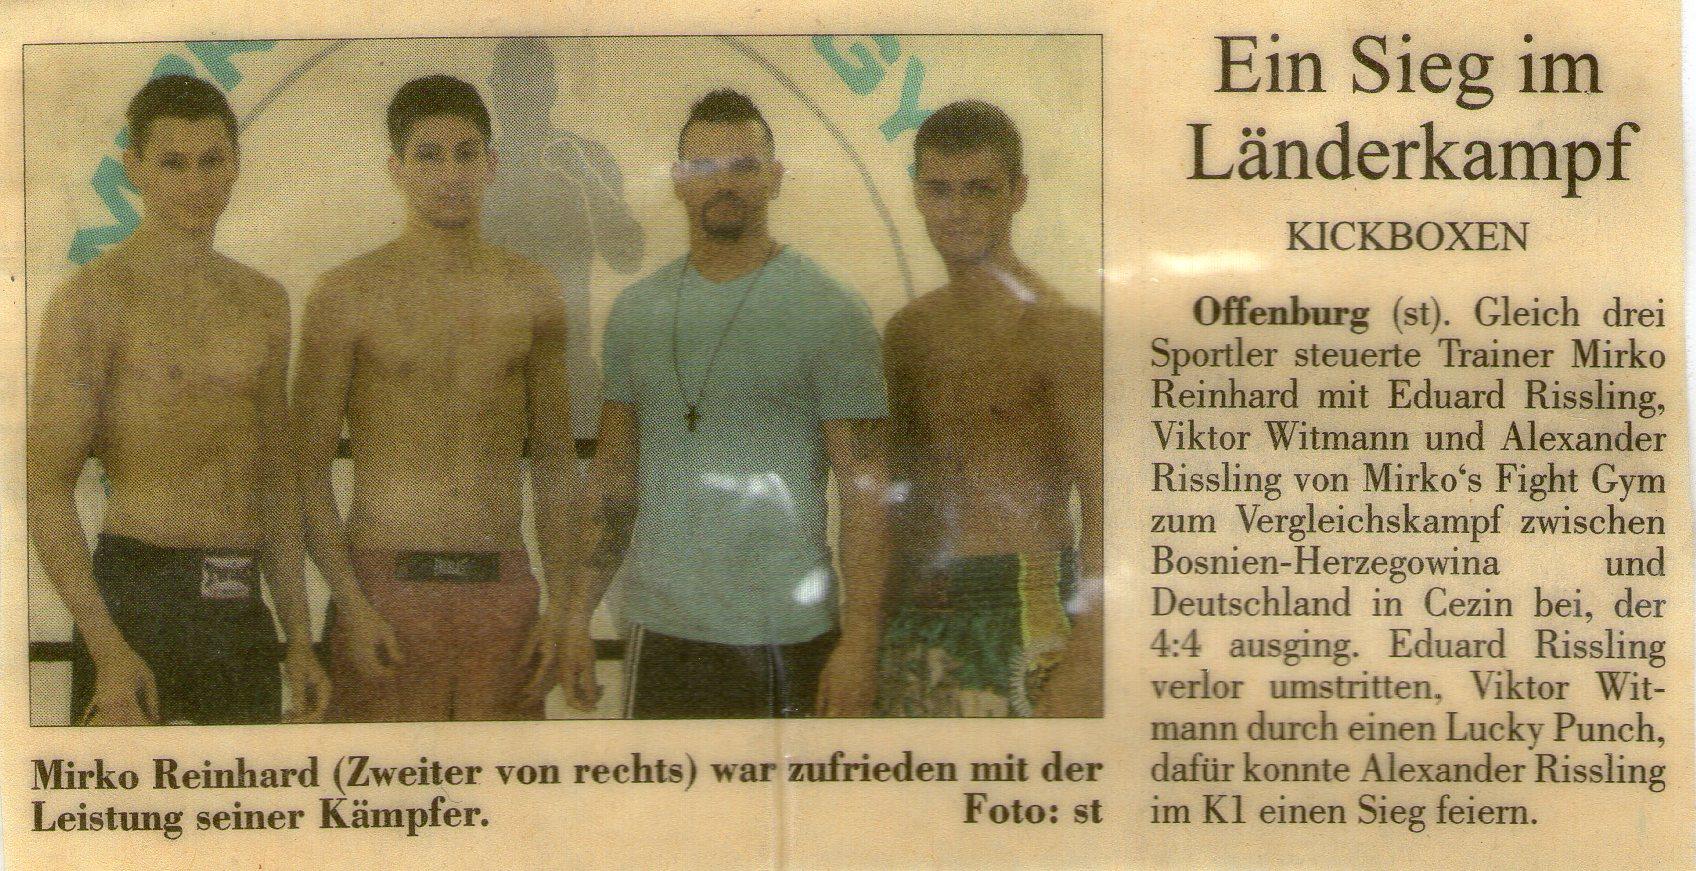 Ein Sieg im Länderkampf, Mirko´s Fight Gym in Bosnien